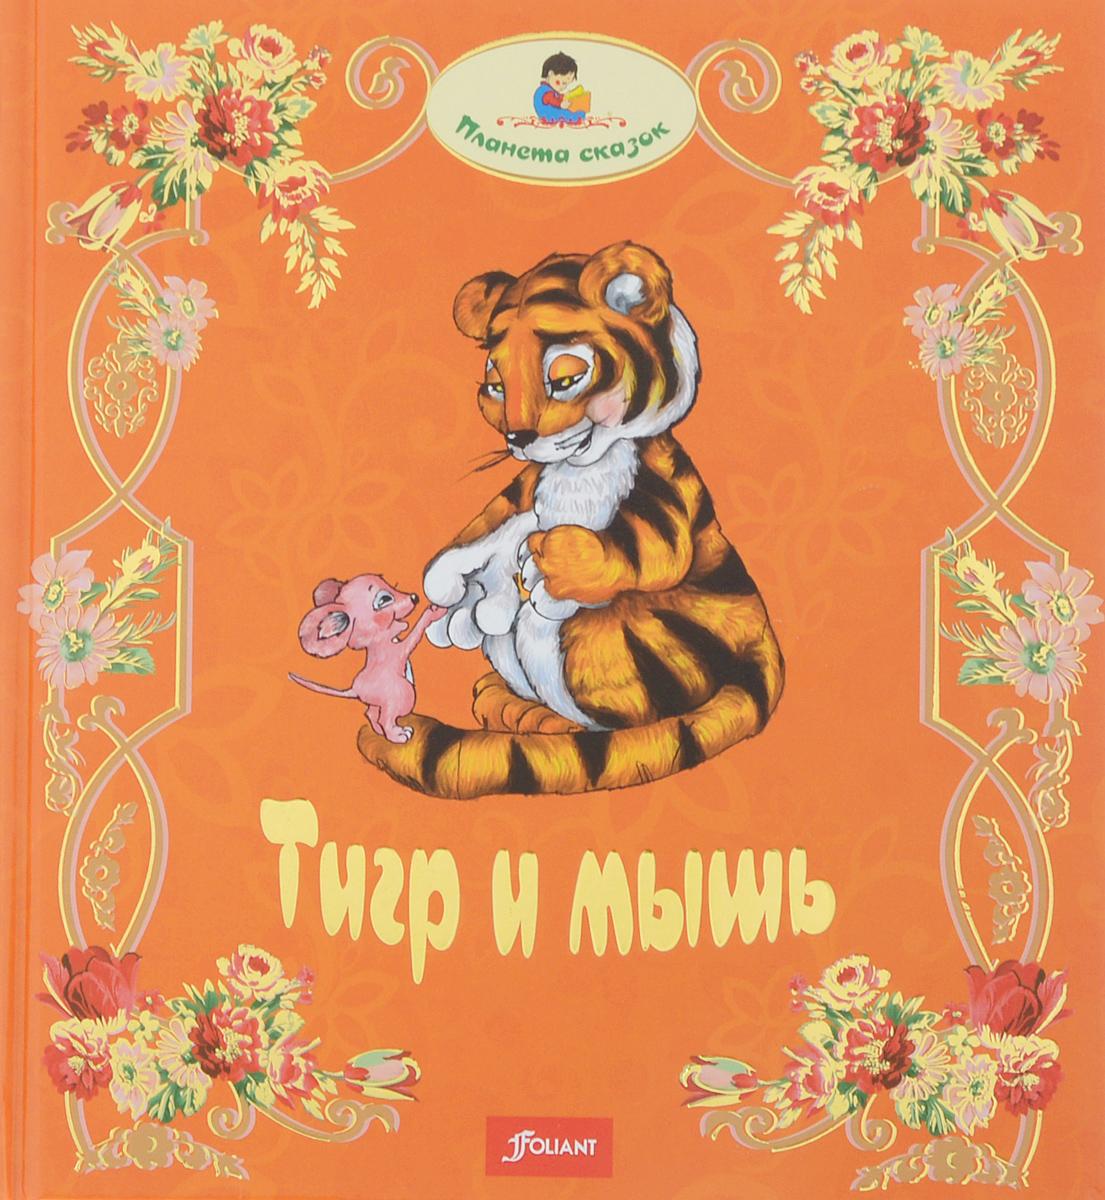 Тигр и мышь12296407Адаптированные для детей дошкольного и младшего школьного возраста, казахские сказки о животных высмеивают такие качества, как глупость, жадность, гордыню, хвастовство, лицемерие, и учат ребят доброте, смелости, находчивости, сообразительности, взаимопомощи и дружбе. В настоящее издание вошли сказки Тигр и мышь, Медведь и комар, Лиса, черепаха и блоха. Пересказ текстов Бану Даулетбаевой.